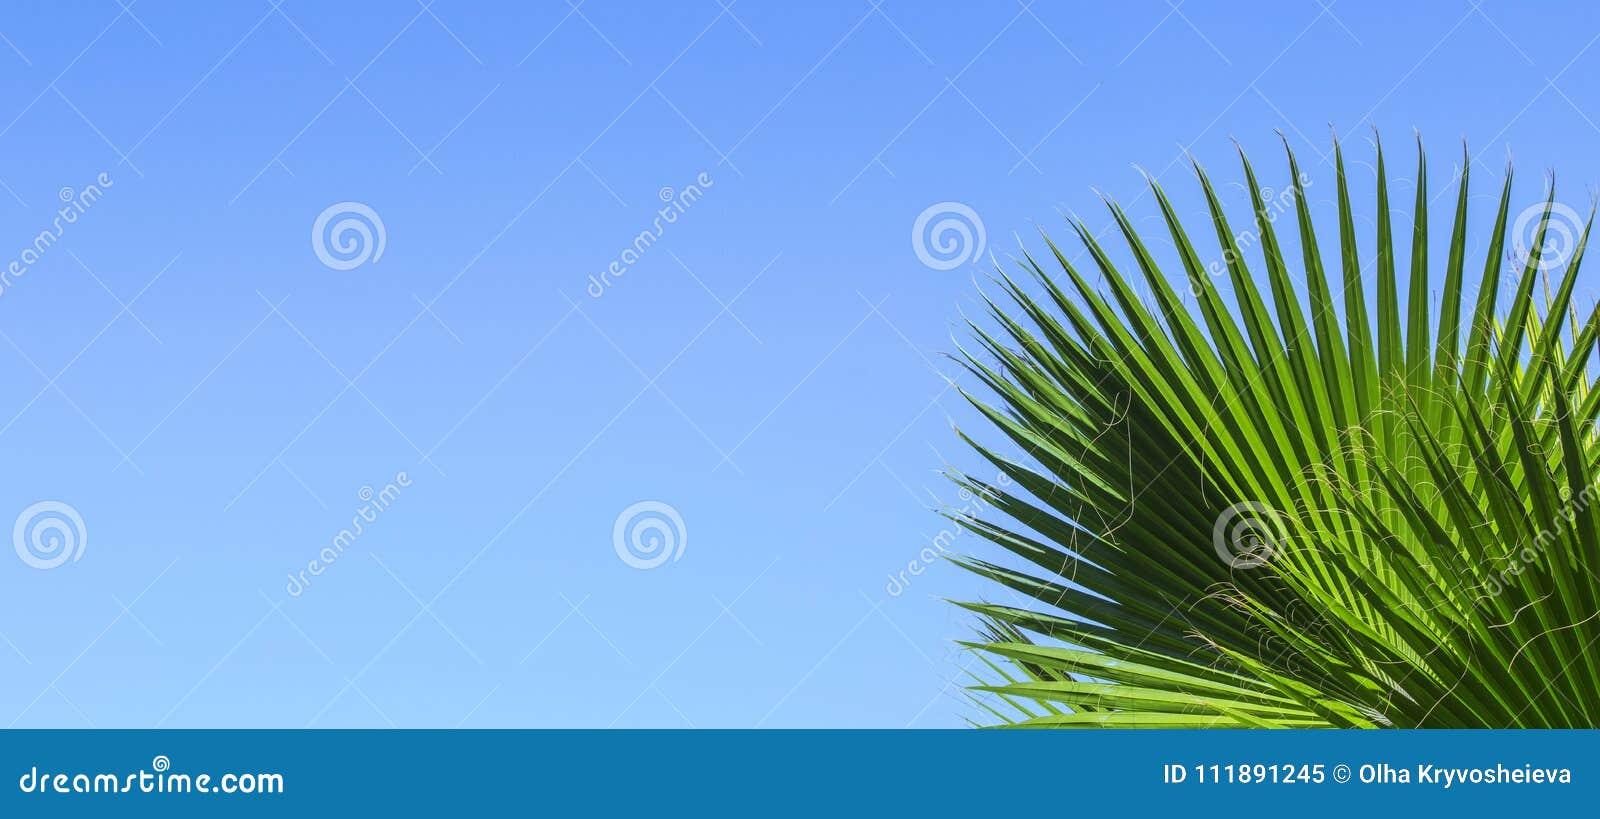 Palmettes Vertes Sur Un Fond Clair Bleu De Ciel Isolez Les Feuilles Du Palmier Dattier Pour La Banniere Publicite Carte Visite Professionnelle